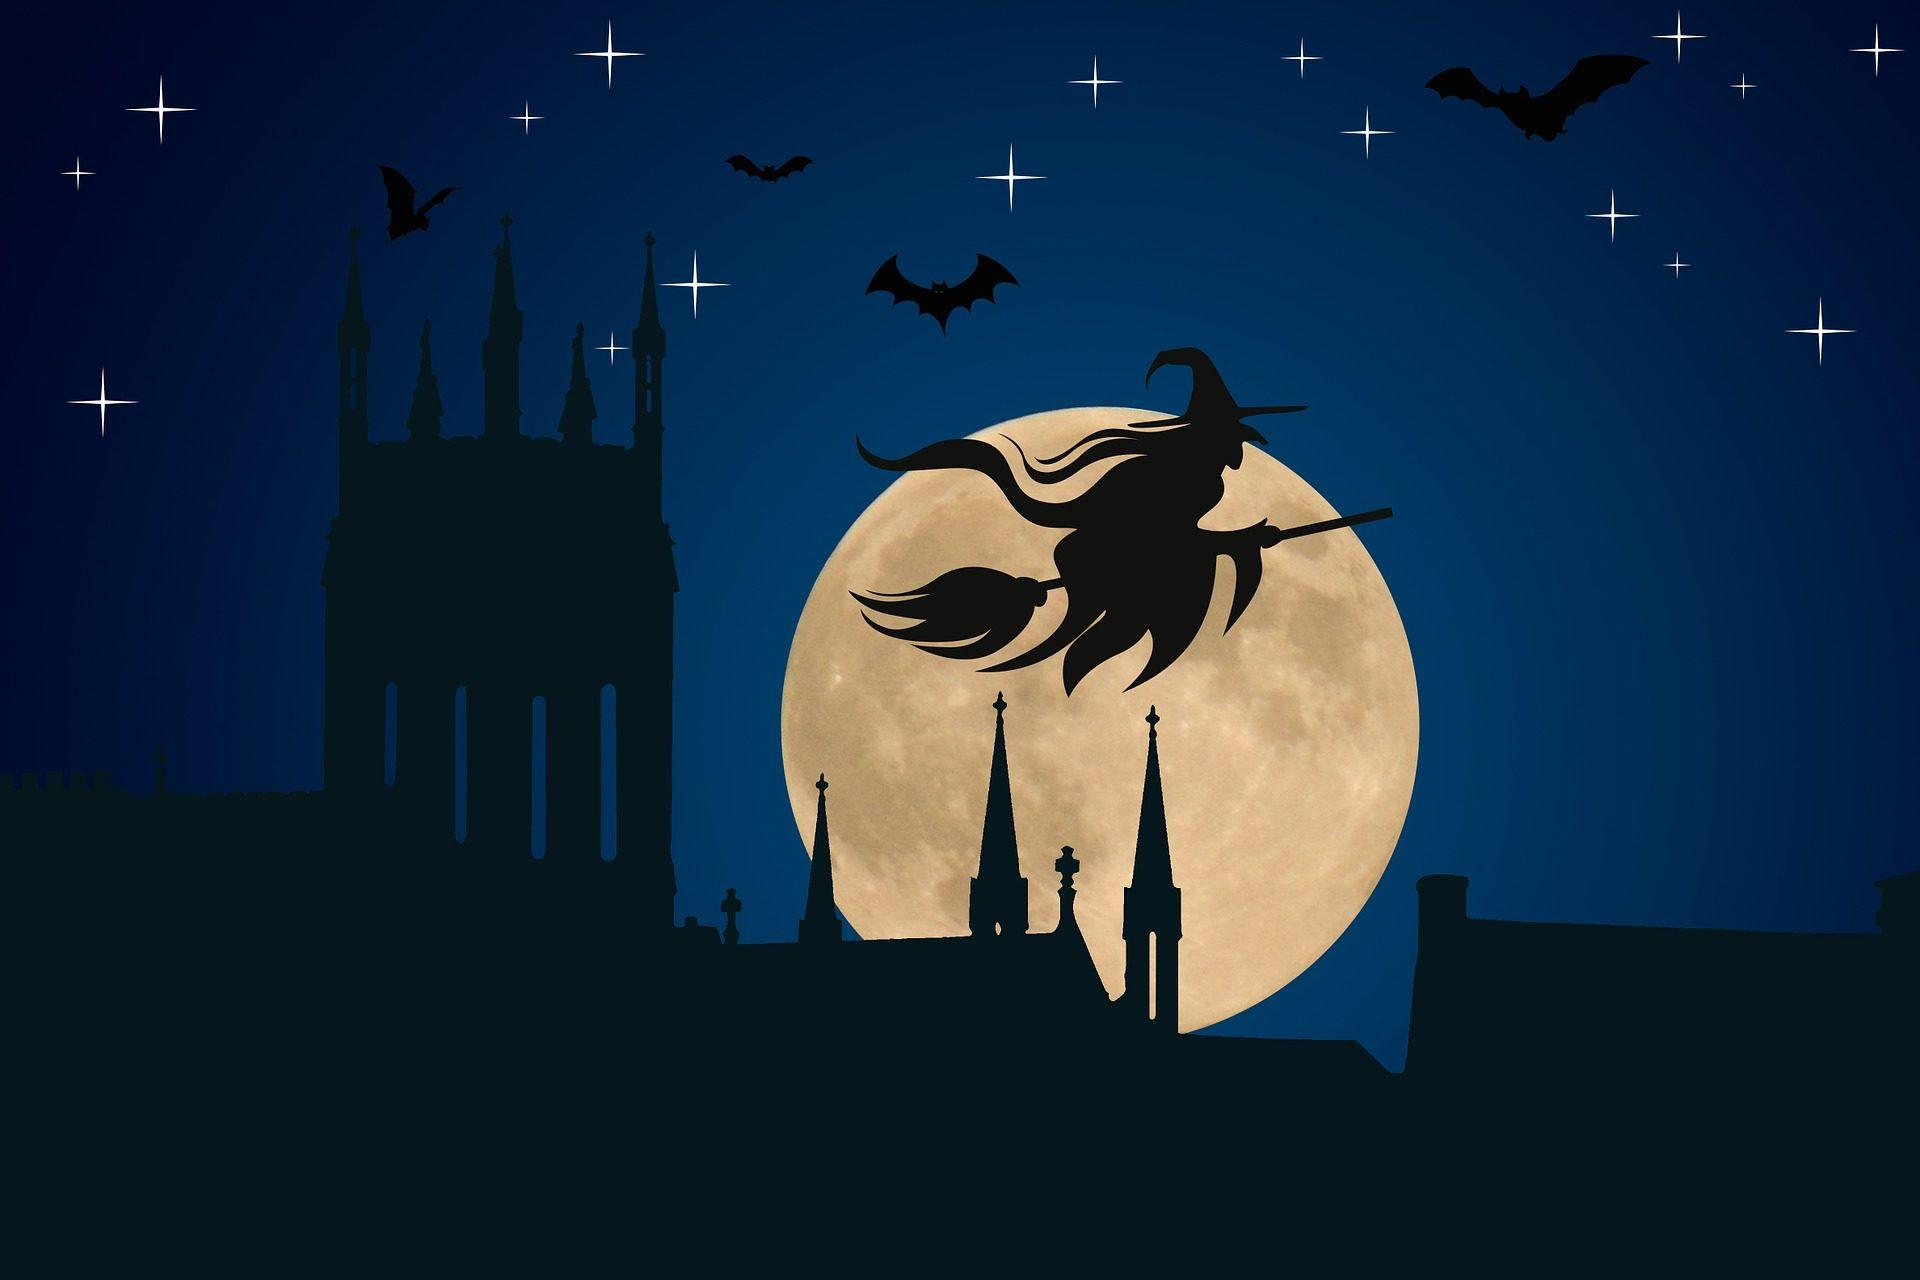 女巫, escoba, 蝙蝠, 月亮, 晚上, 恐慌, 万圣节 - 高清壁纸 - 教授-falken.com